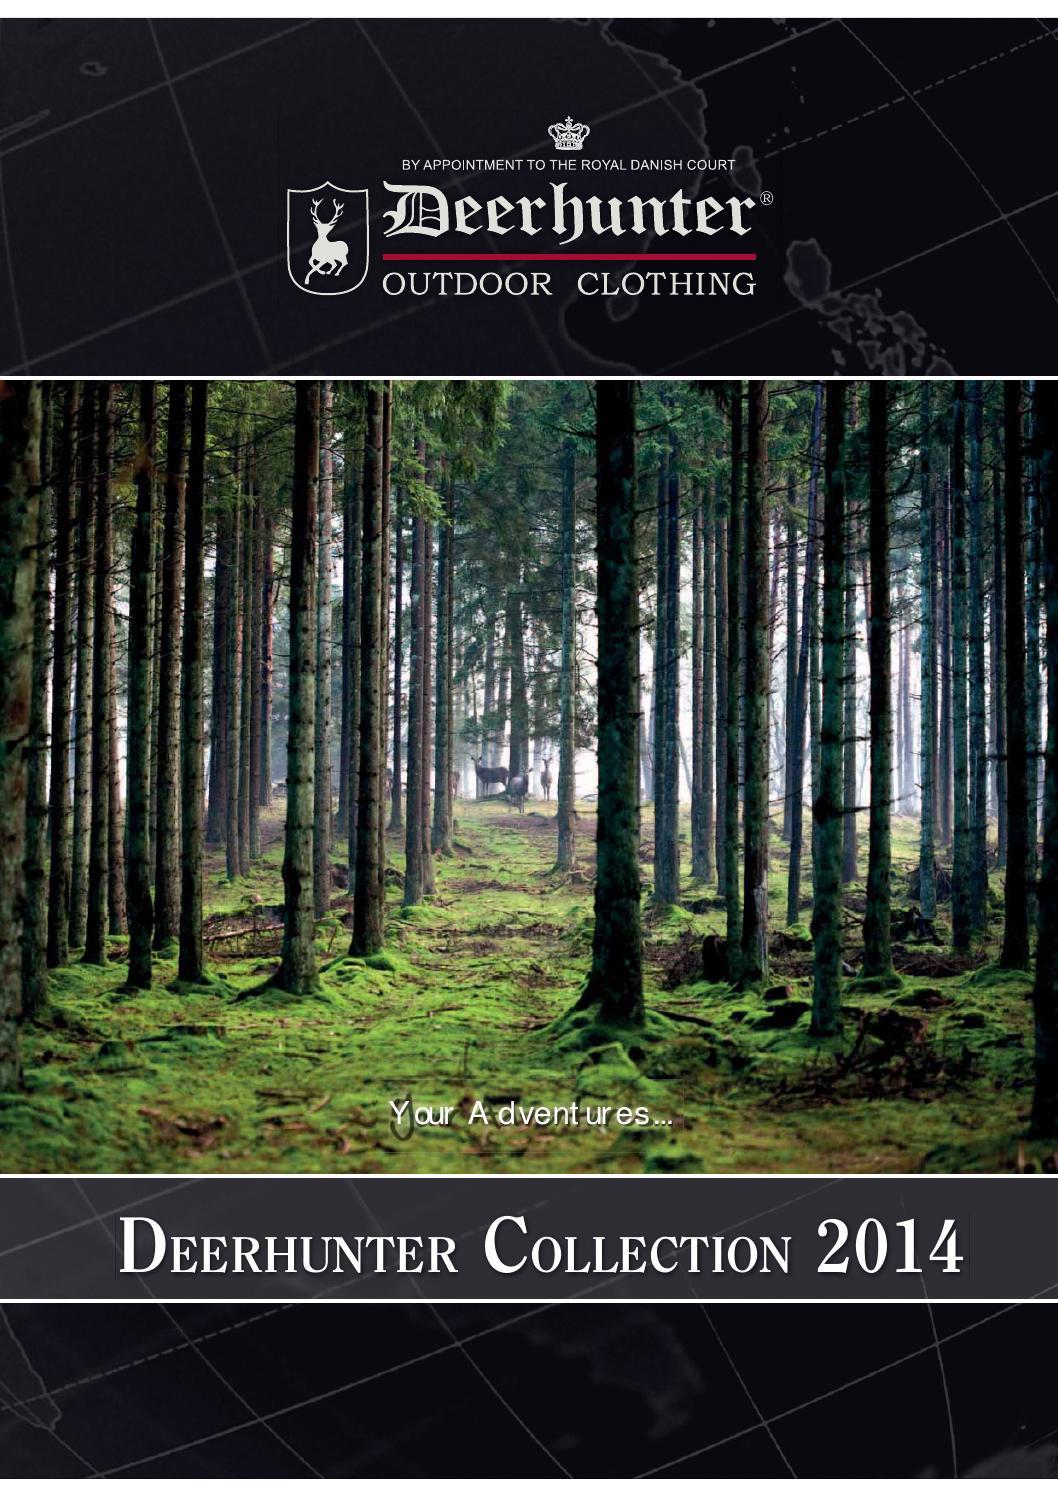 Deerhunter avanti cap-vert-realtree xtra